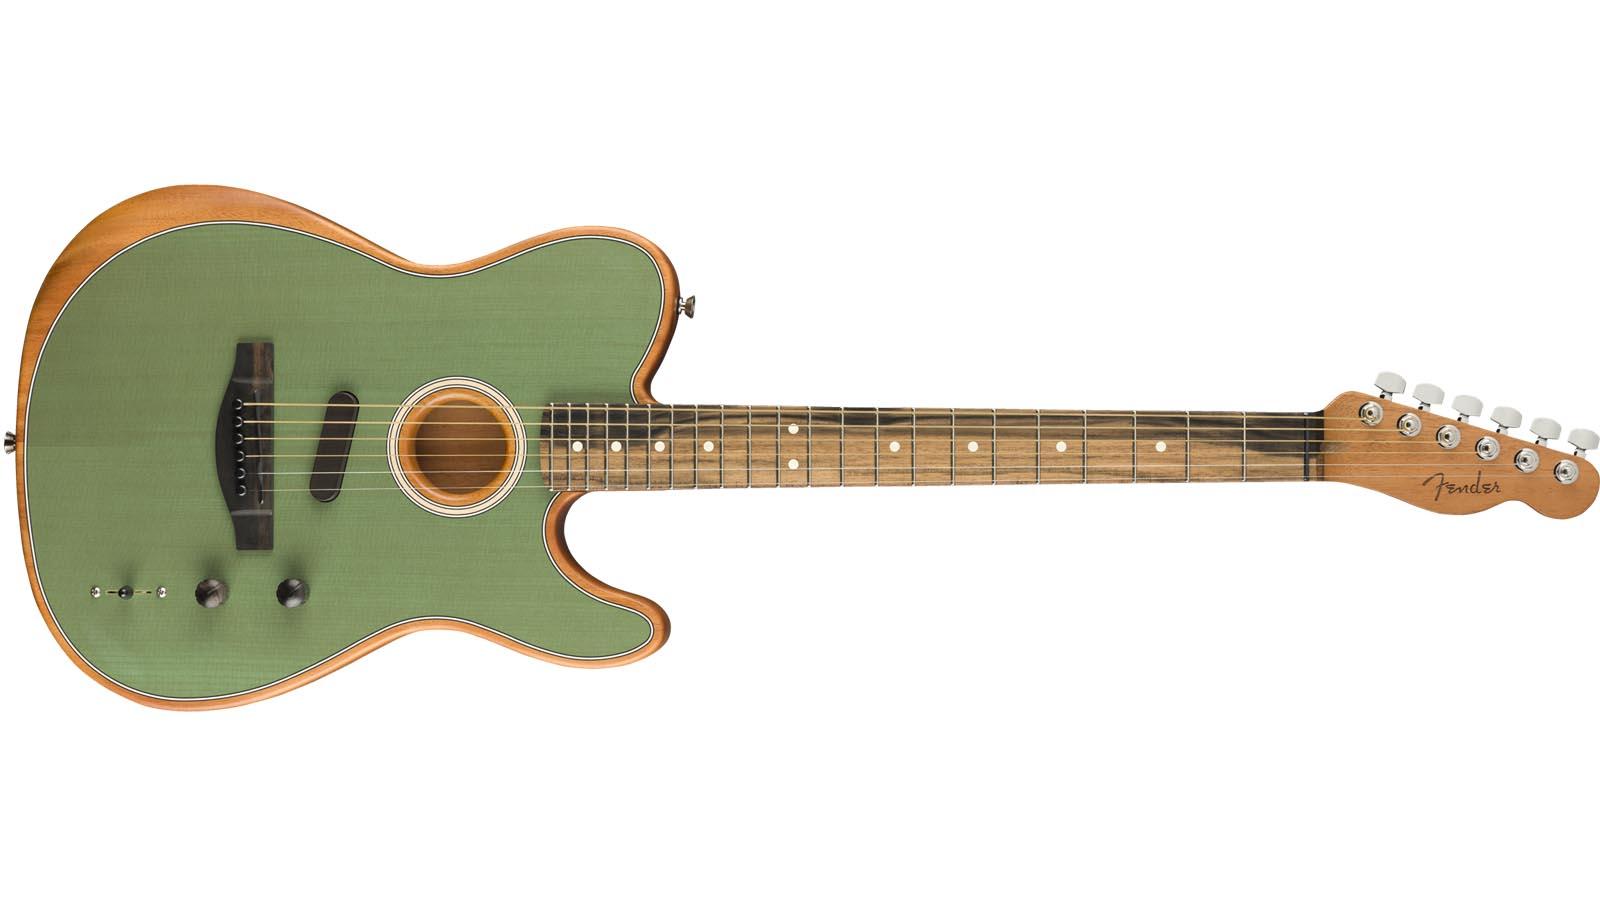 Fender Acoustasonic Telecaster SFG Surf Green